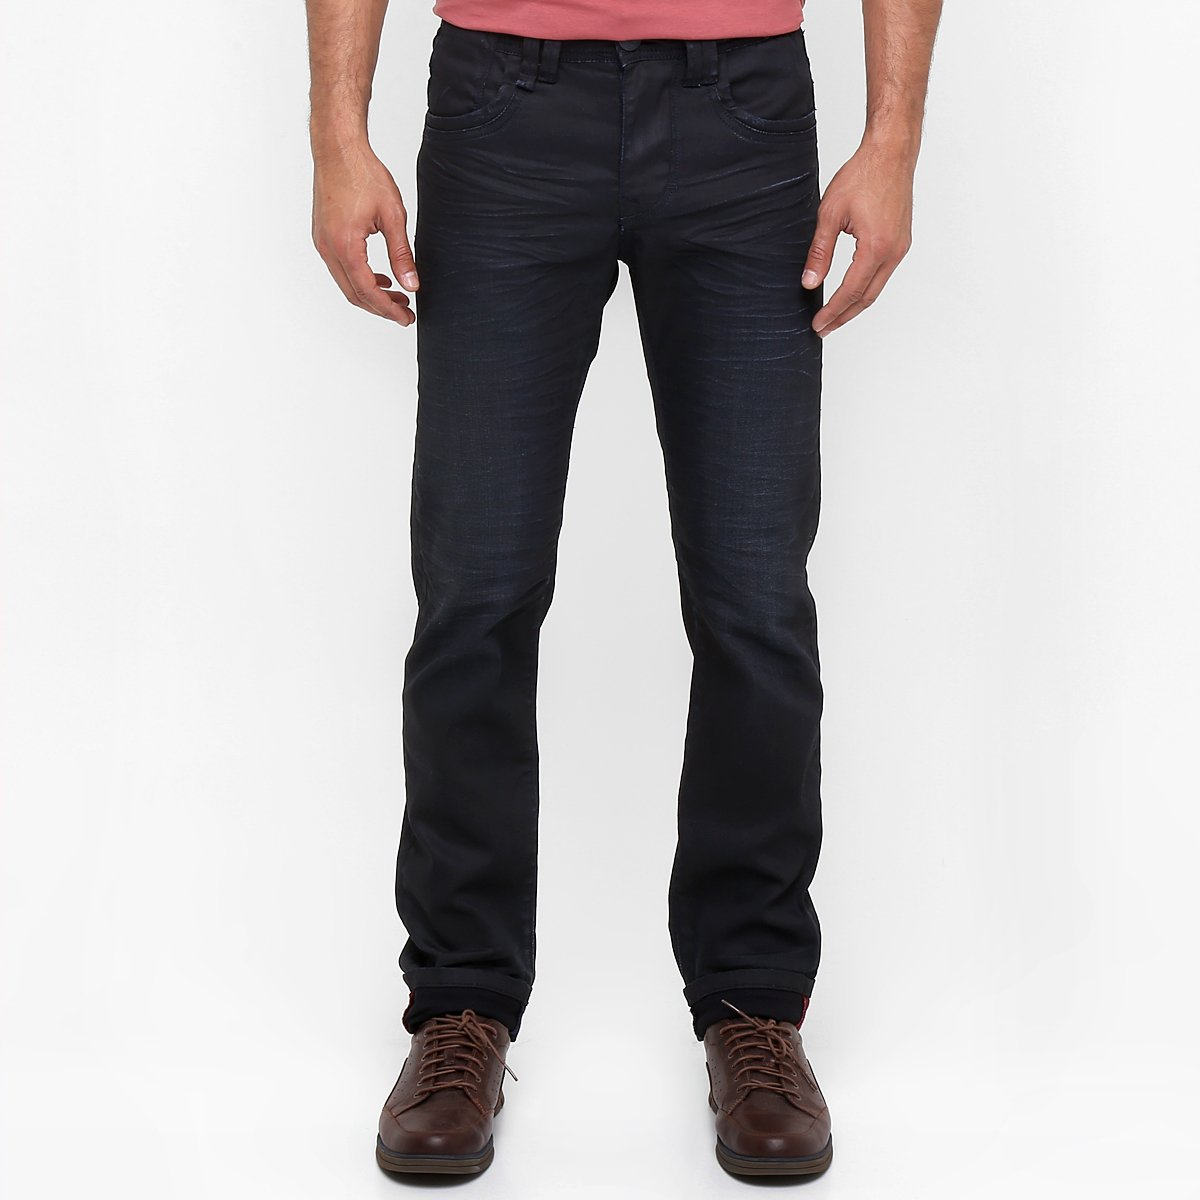 4519742ad Calça Jeans Zune Skinny Resinada - Compre Agora